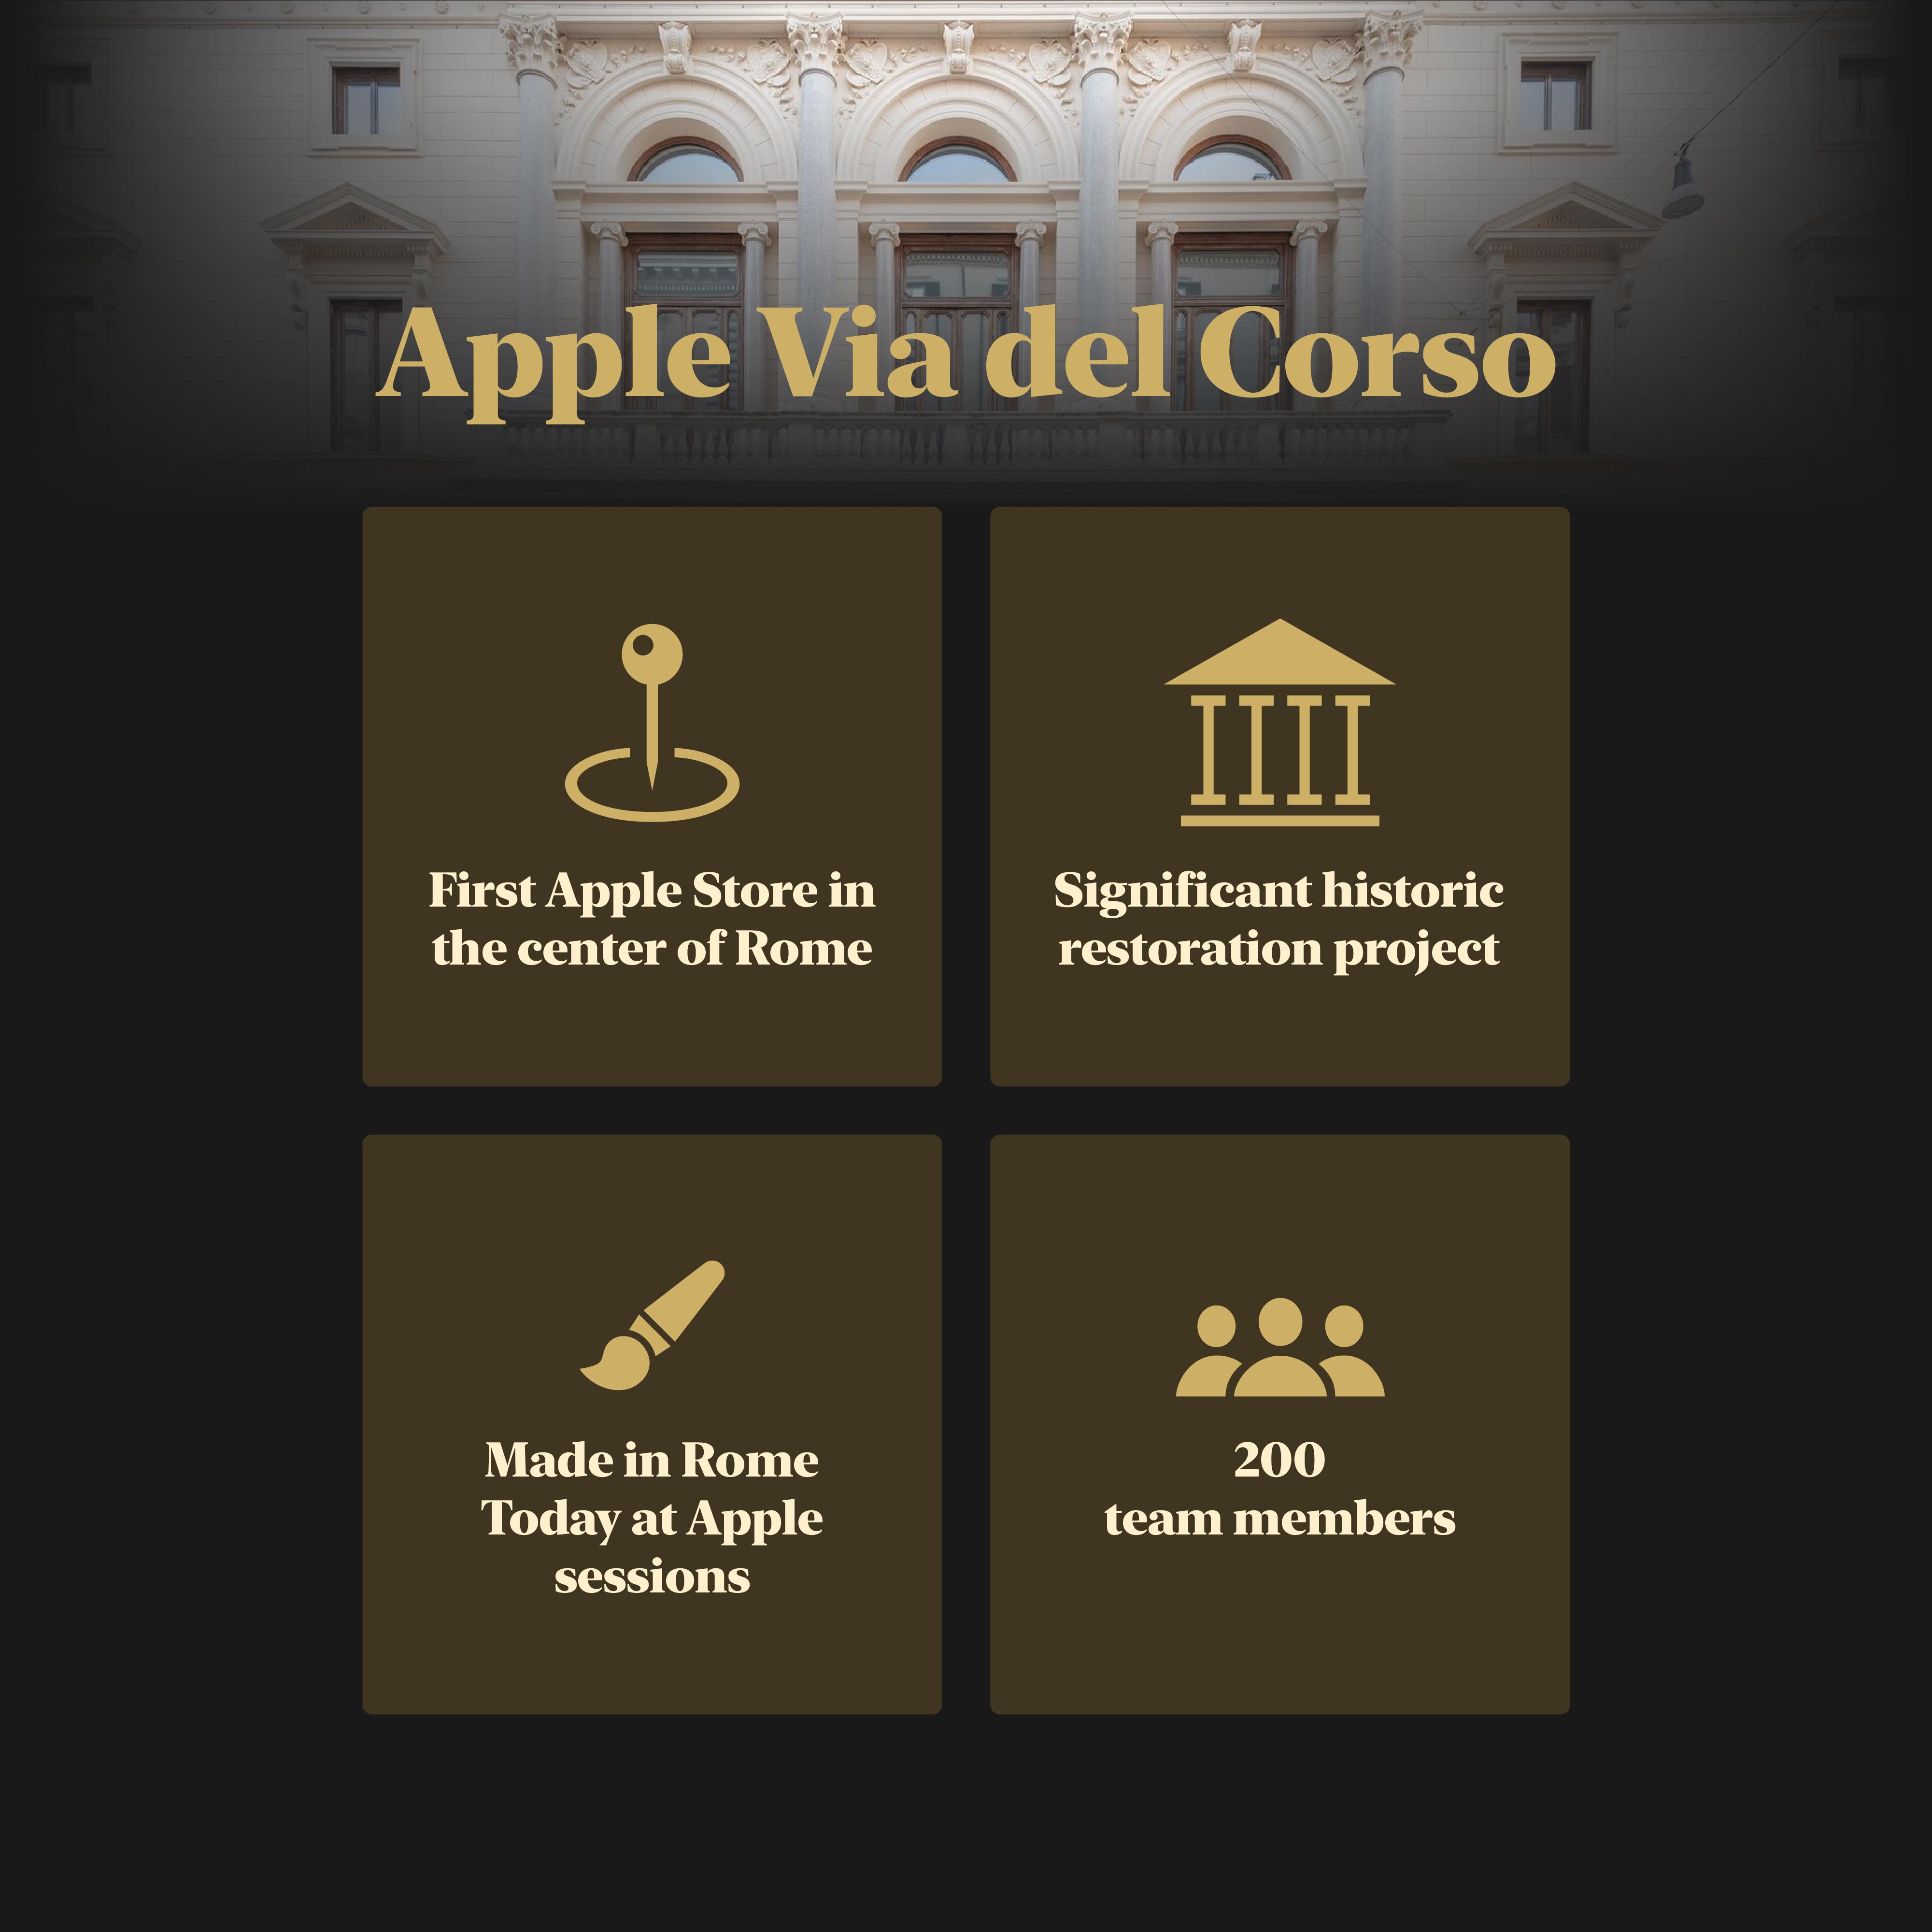 Apple Via del Corso at a glance